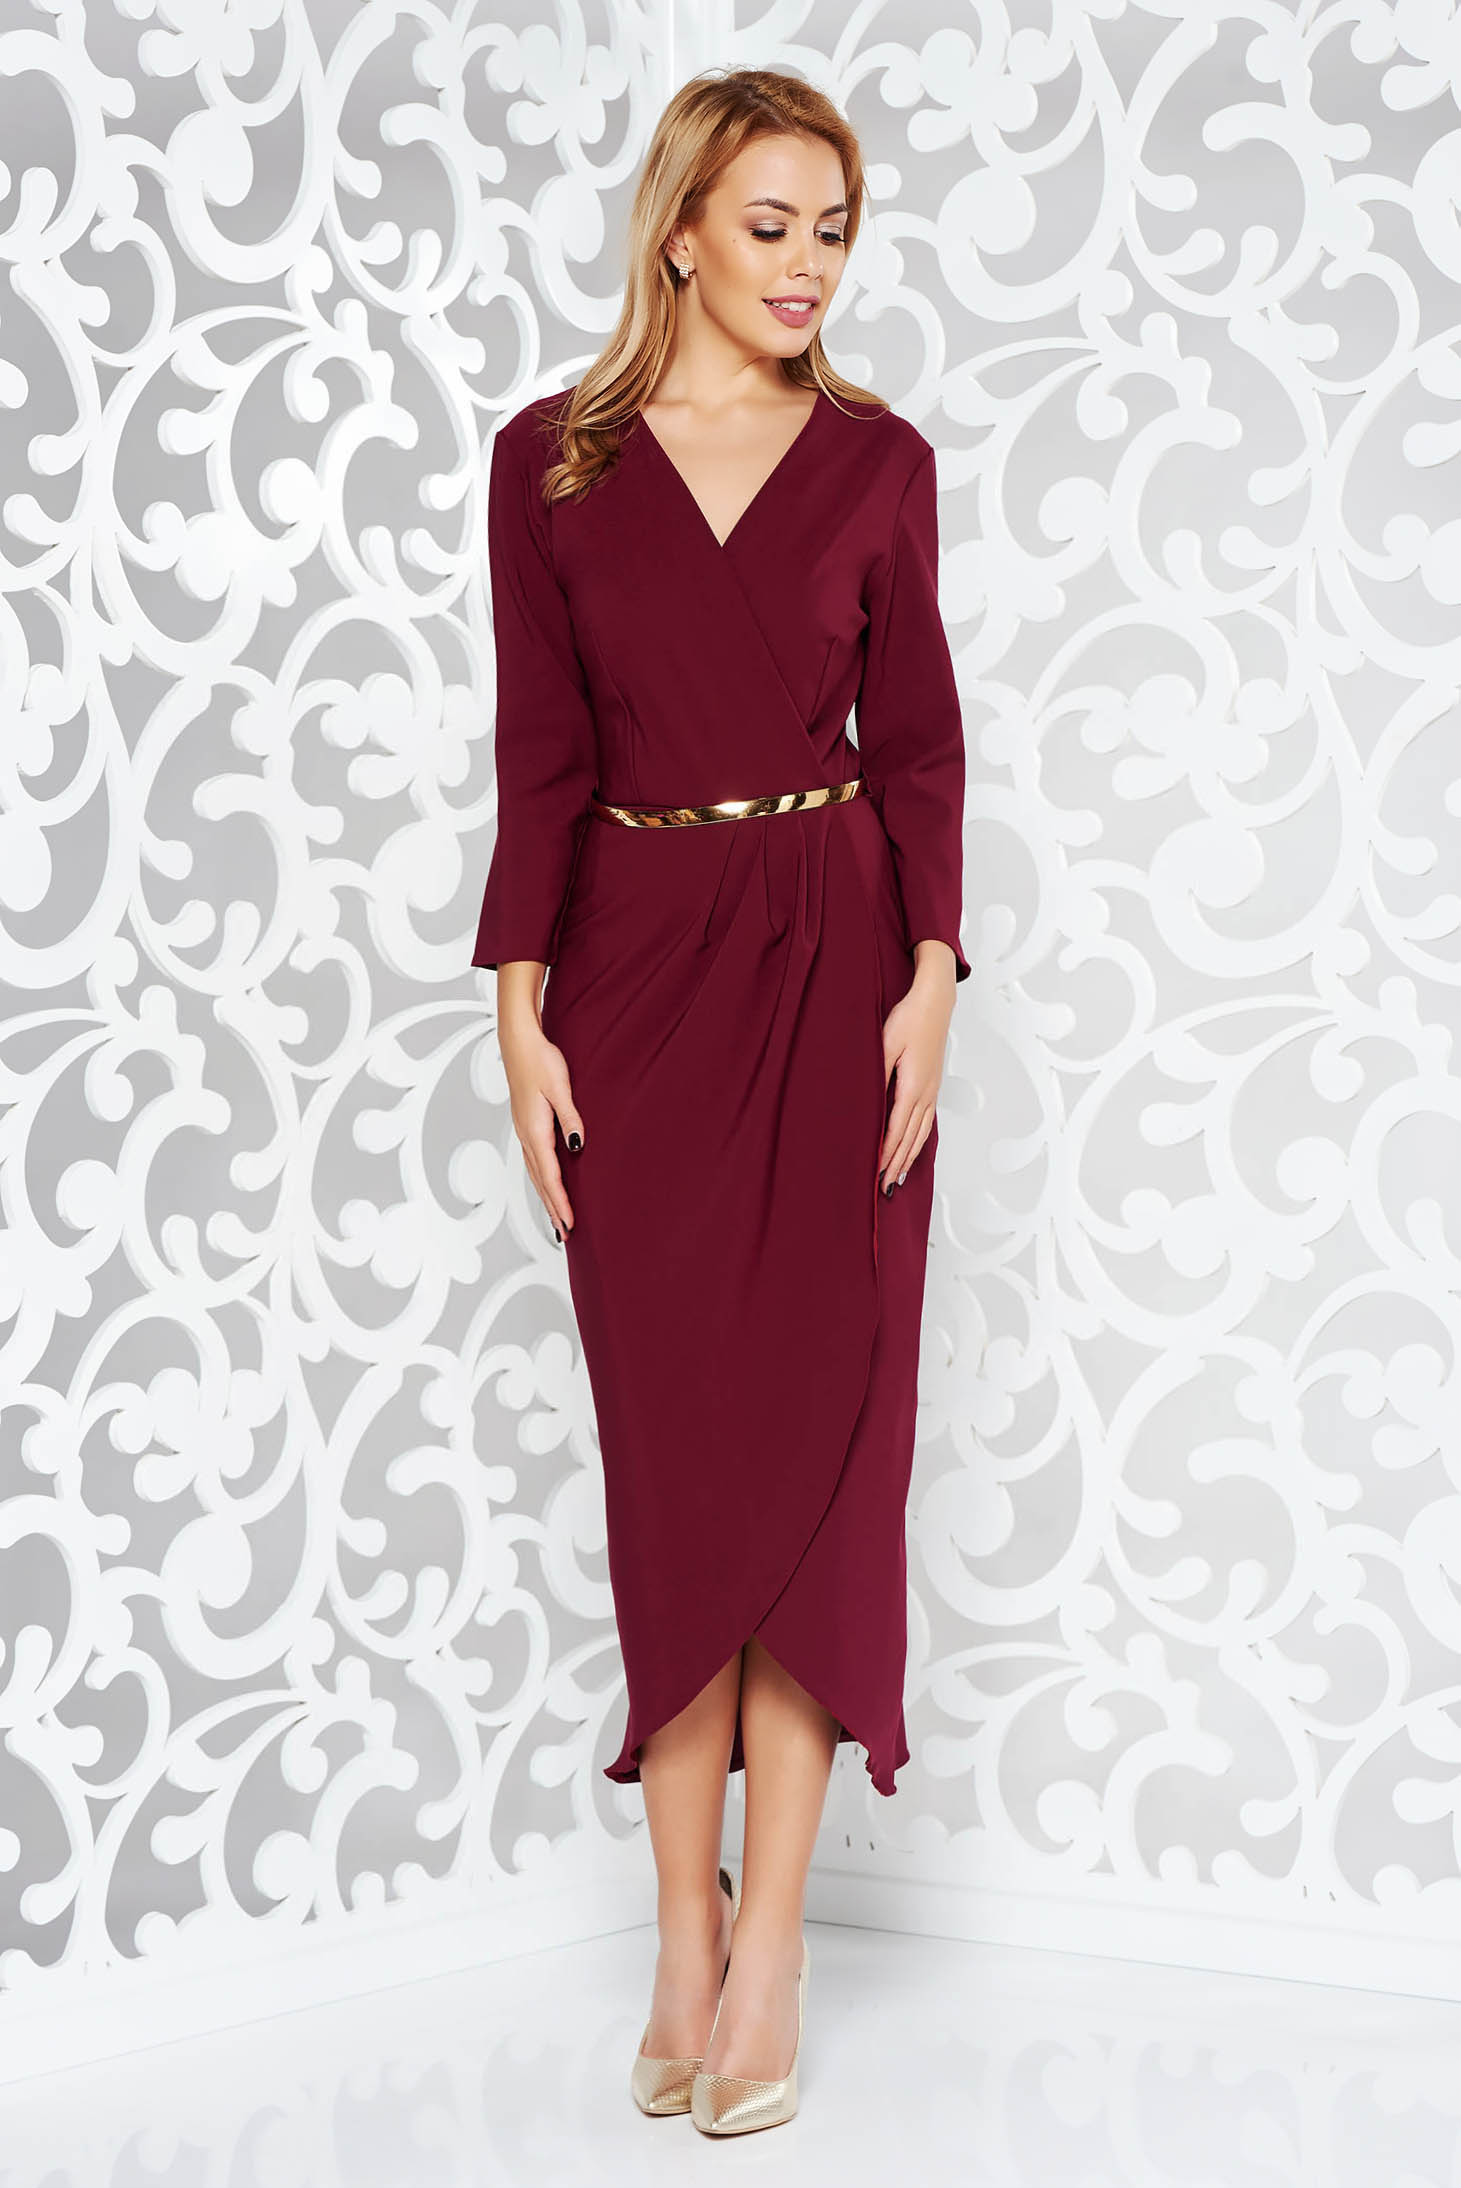 Rochie visinie eleganta din stofa subtire usor elastica captusita pe interior cu accesoriu tip curea